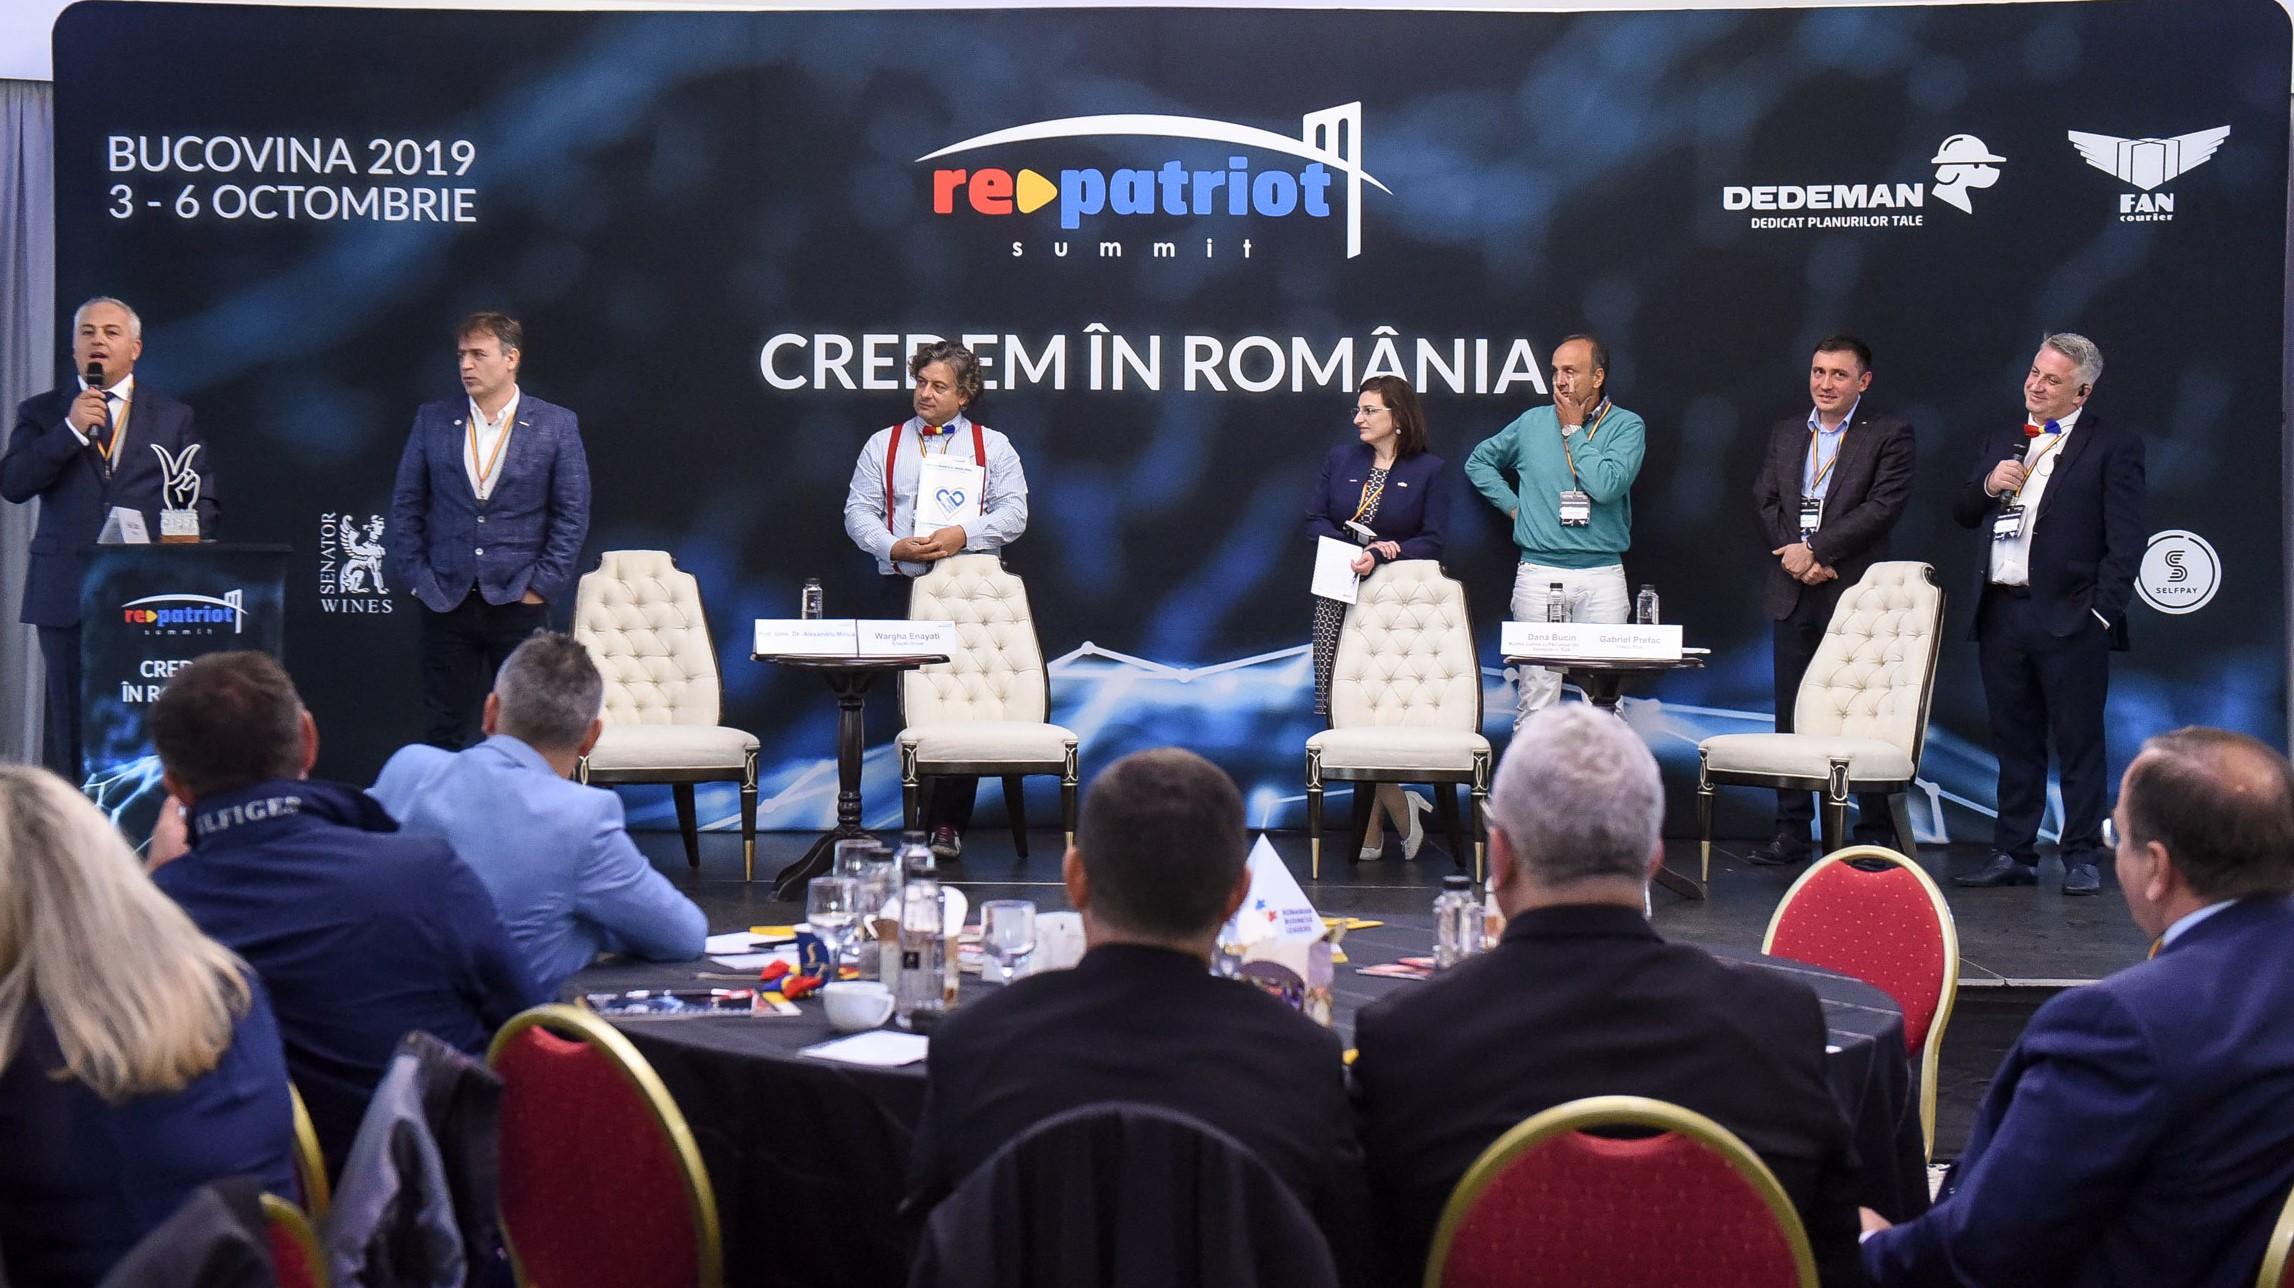 Credem în România – spun antreprenori români de pretutindeni la Summitul RePatriot din Bucovina